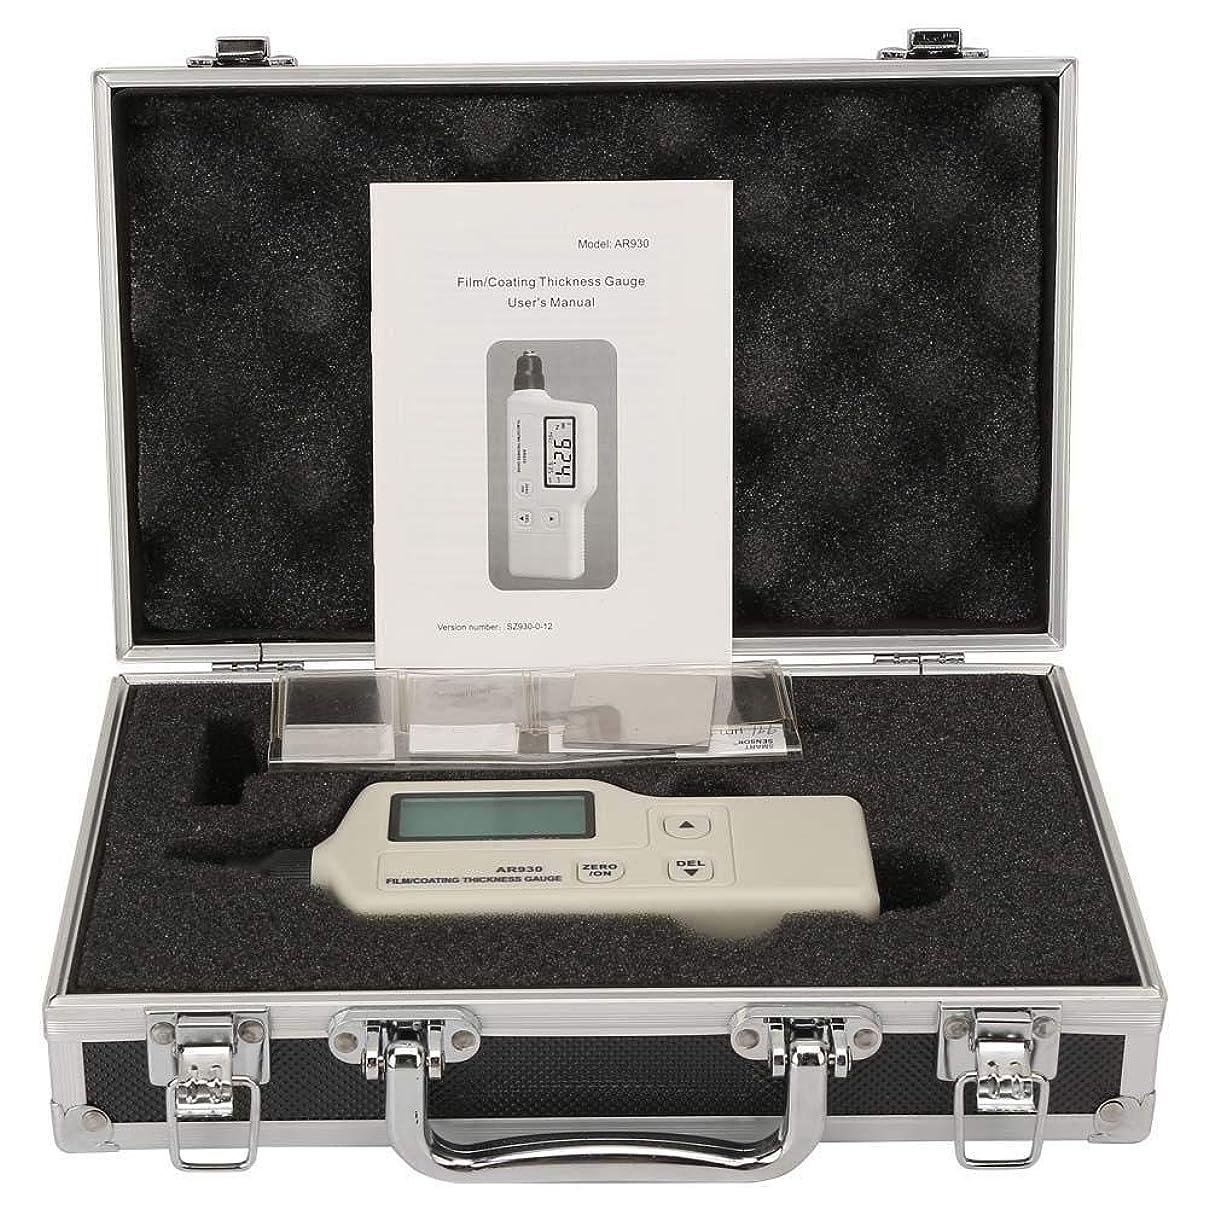 ビジョンペフ民主党コーティングメーター、厚さテスター、AR930デジタルコーティング厚さゲージテスターメーター測定範囲0?1800um